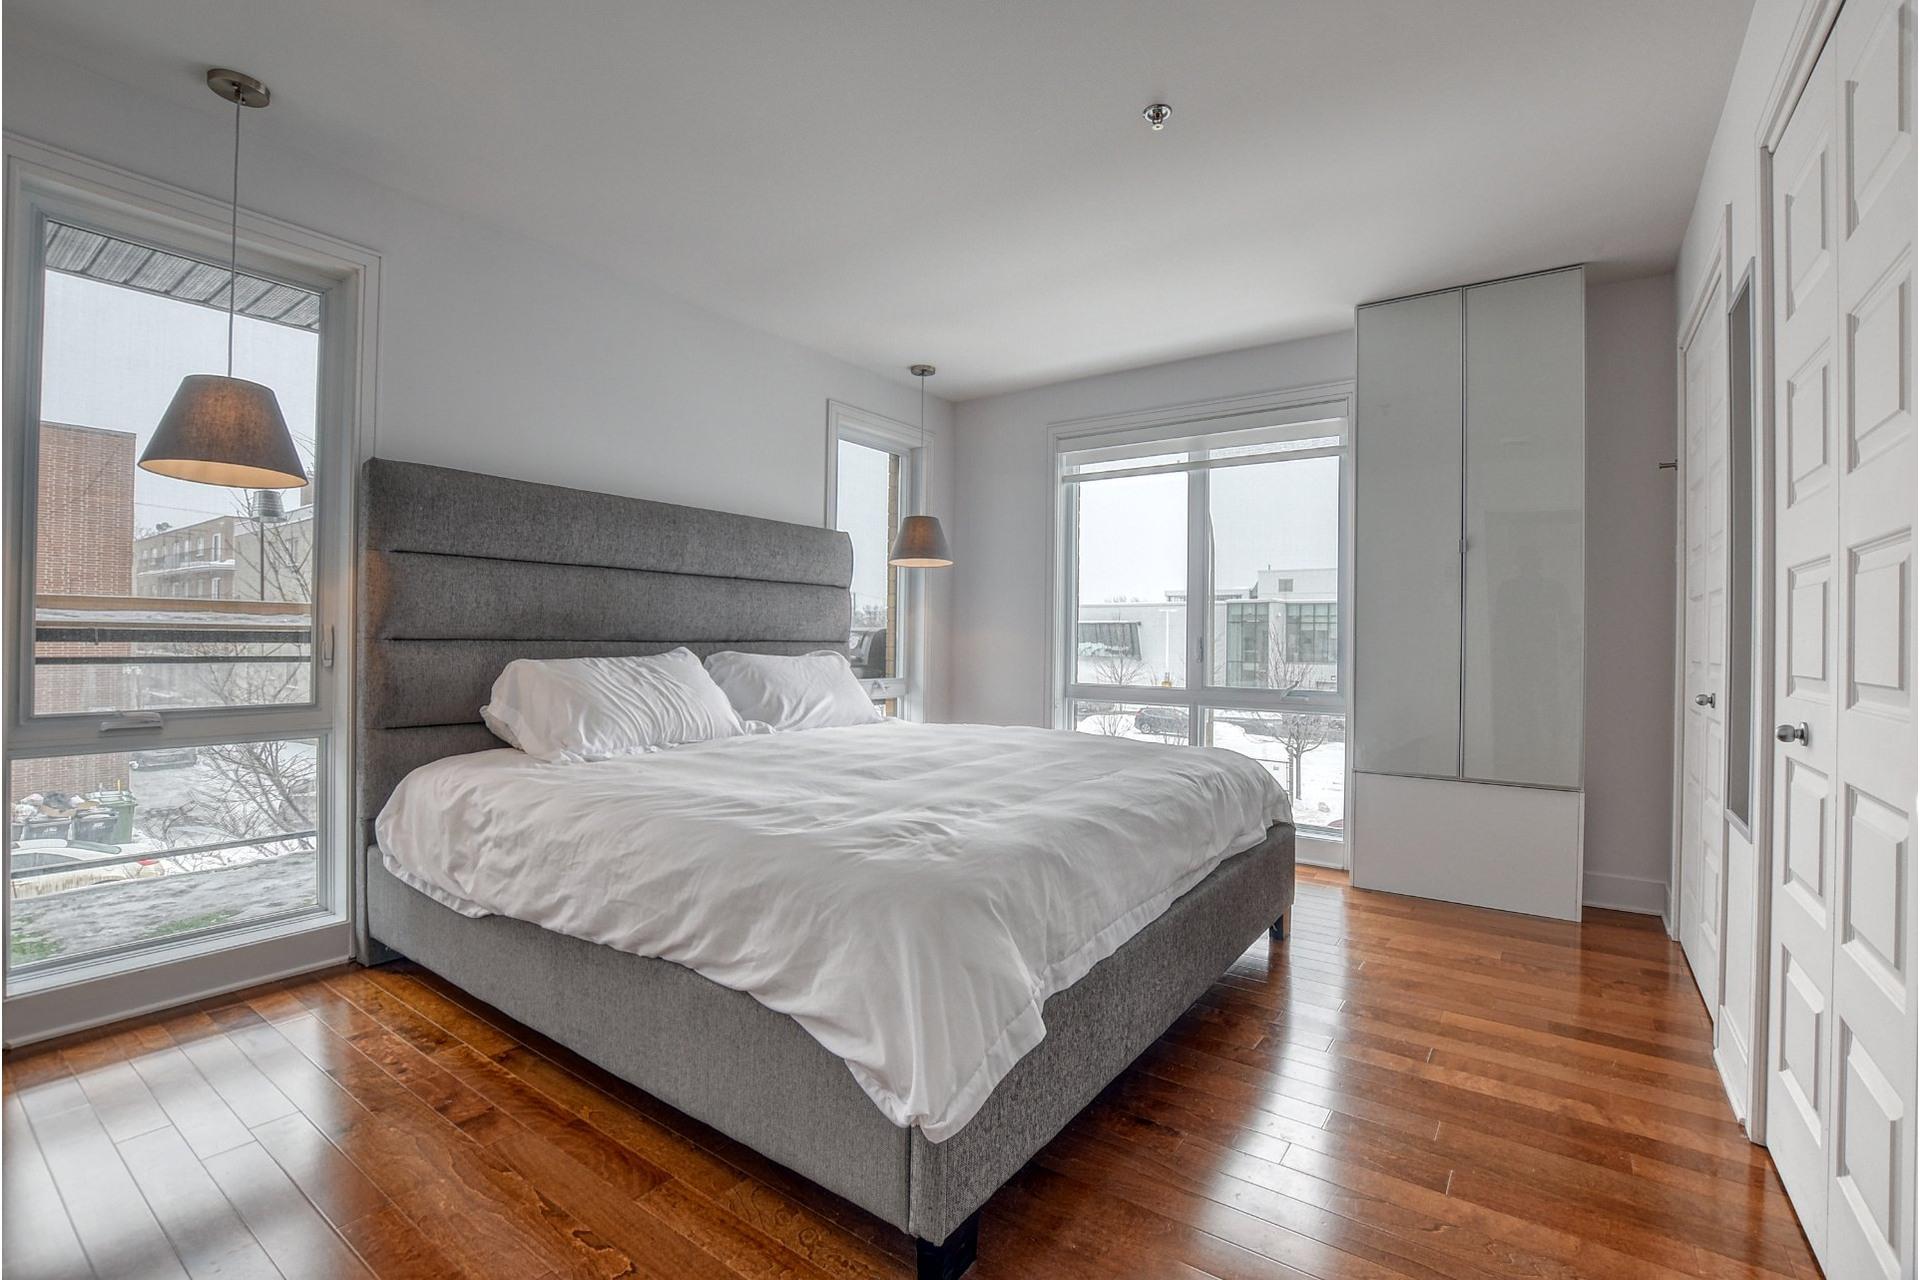 image 8 - Apartment For sale Ahuntsic-Cartierville Montréal  - 4 rooms